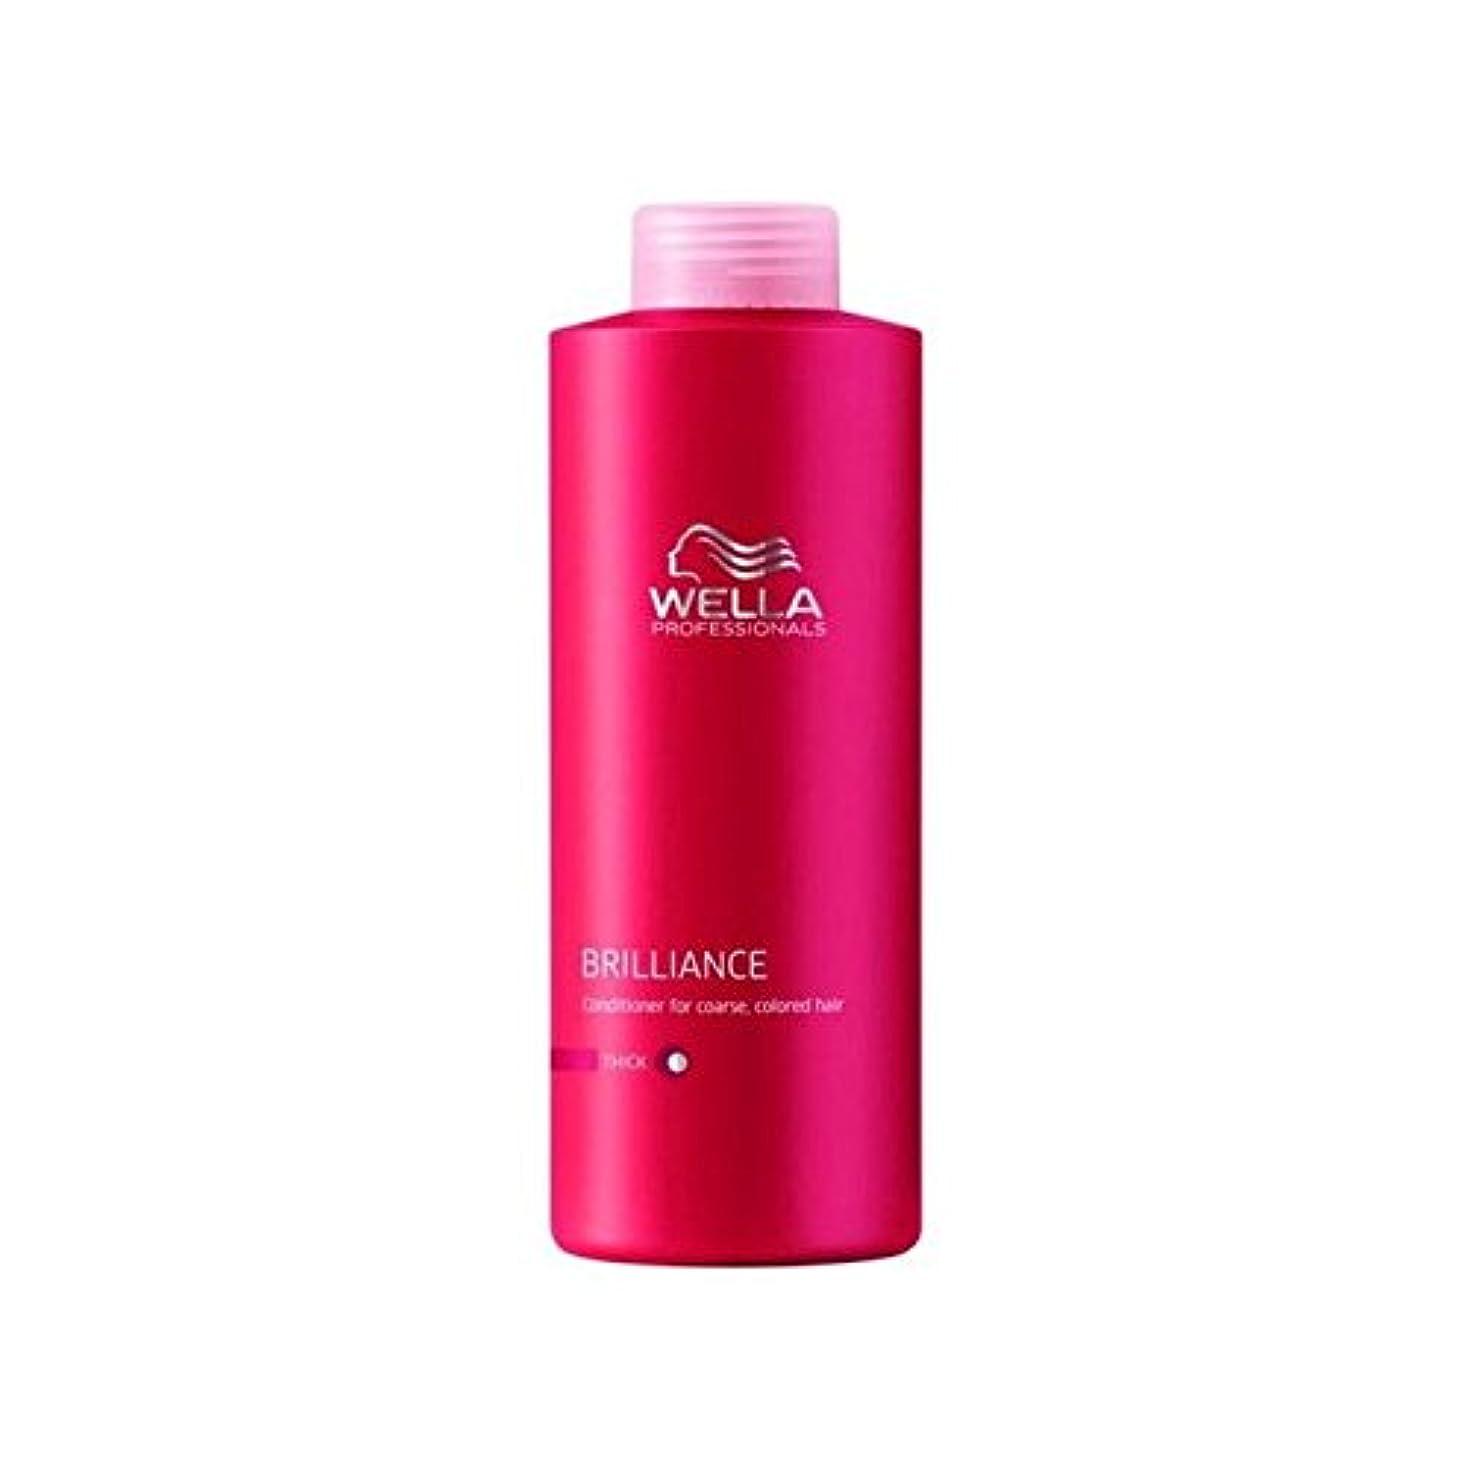 ぎこちないびっくり涙Wella Professionals Brilliance Coarse Conditioner (1000ml) (Pack of 6) - ウェラの専門家は粗いコンディショナー(千ミリリットル)をブリリアンス x6 [並行輸入品]